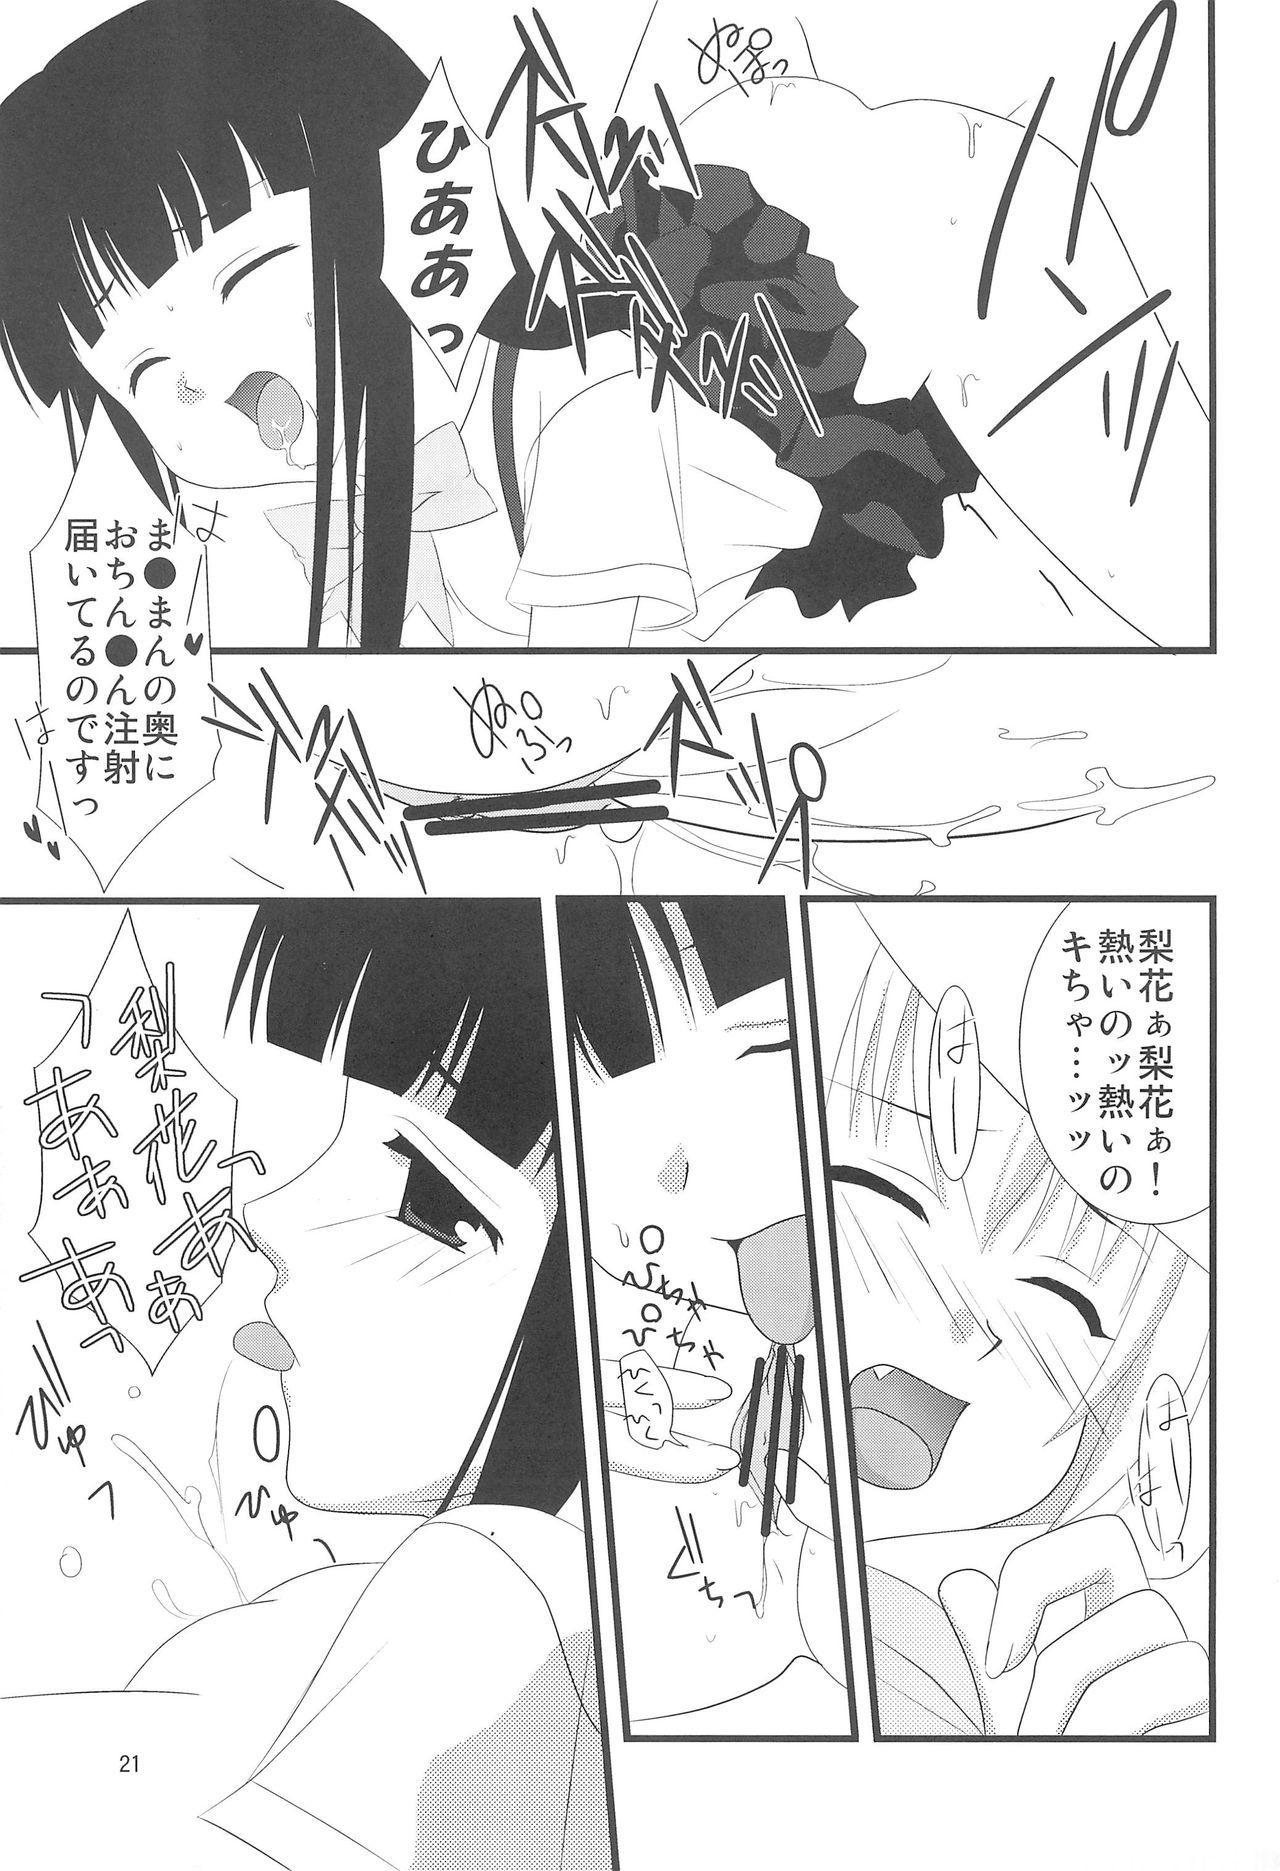 Higurashi no Nuku Koro ni Hamegoroshi-hen 22